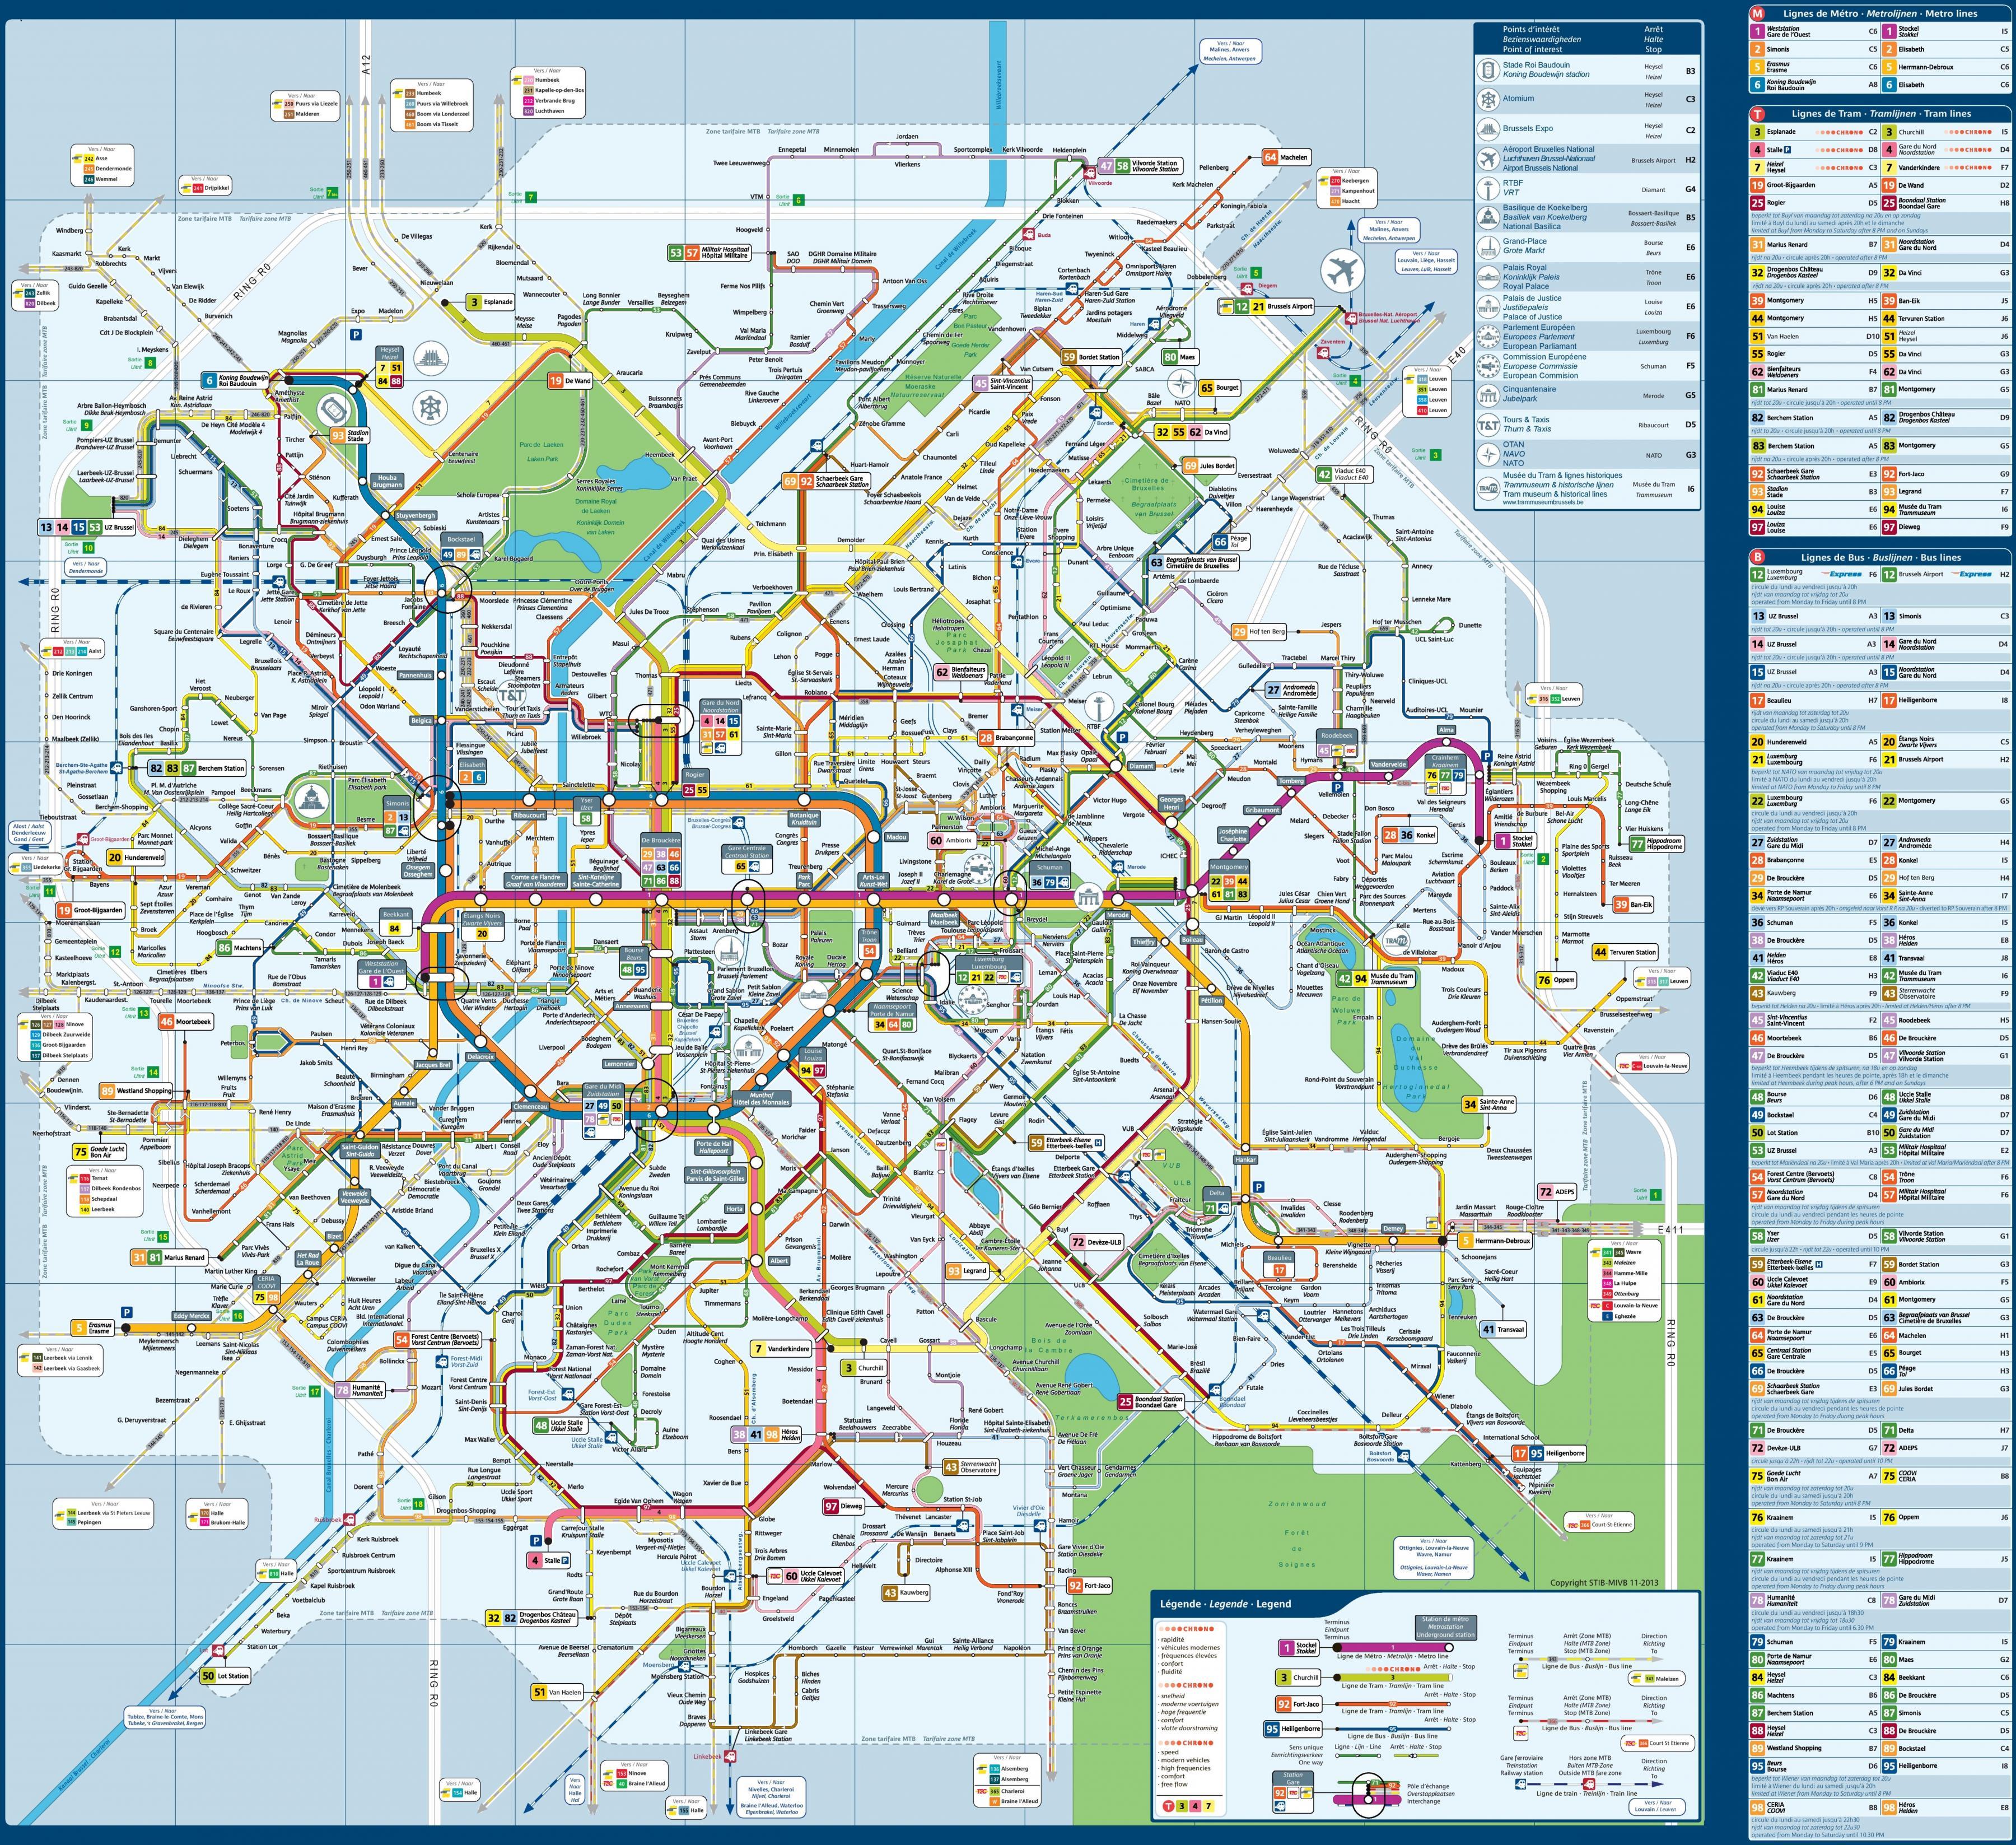 Brysselin Julkinen Liikenne Kartta Kartta Brysselin Julkinen